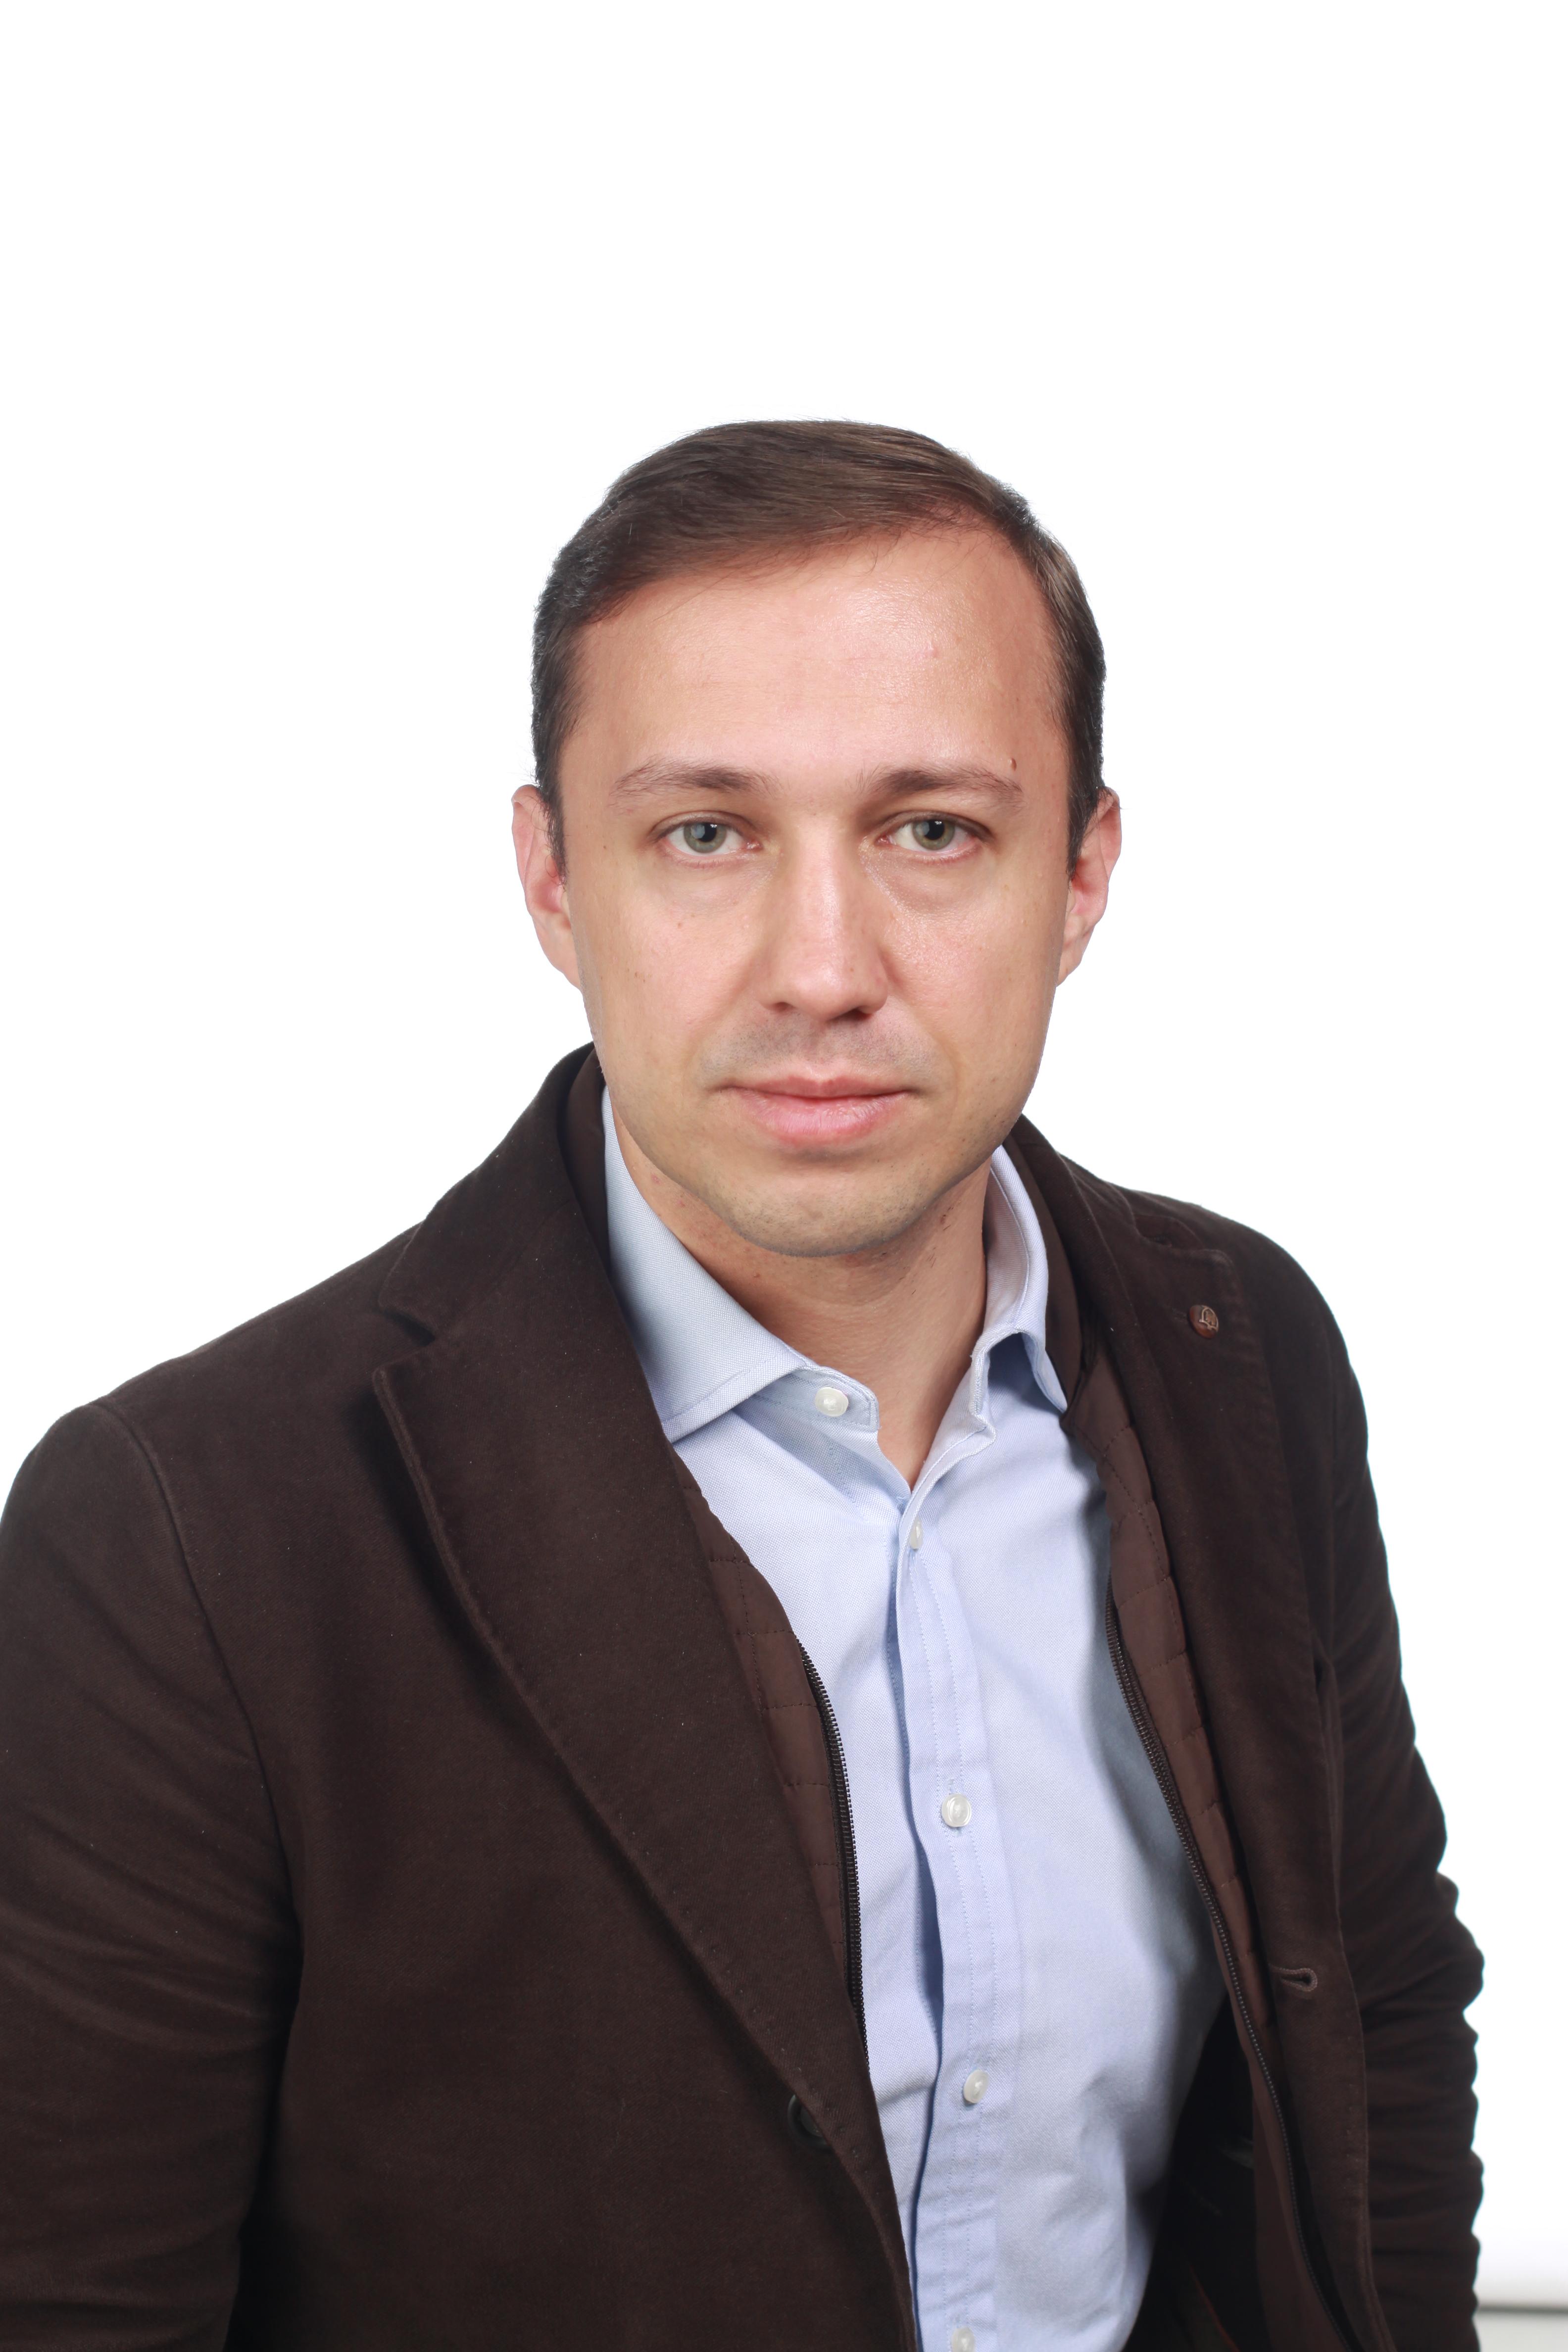 П. Романов - генеральный директор